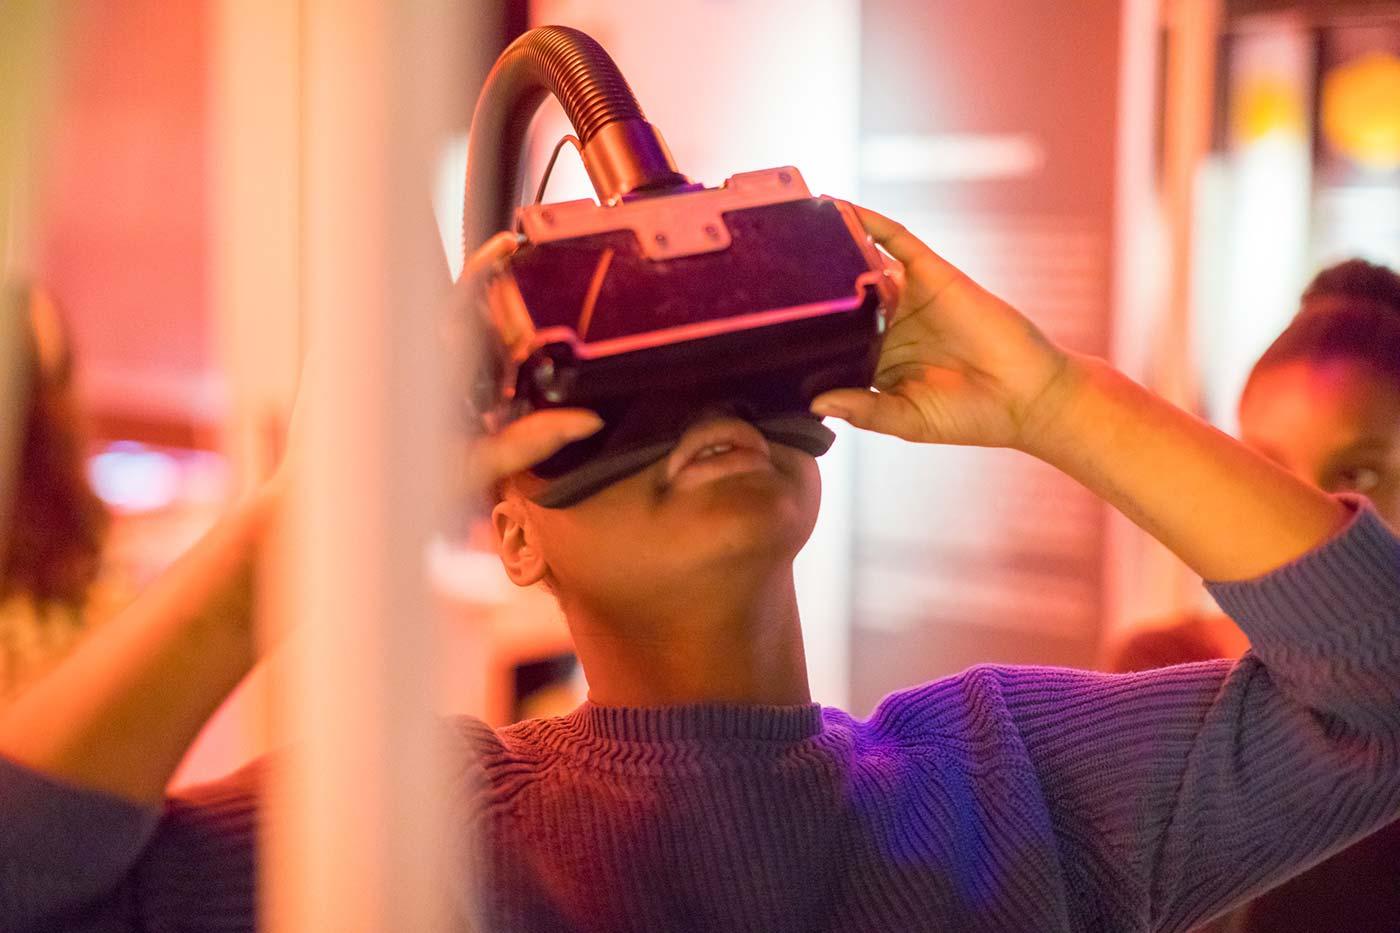 Boy playing VR